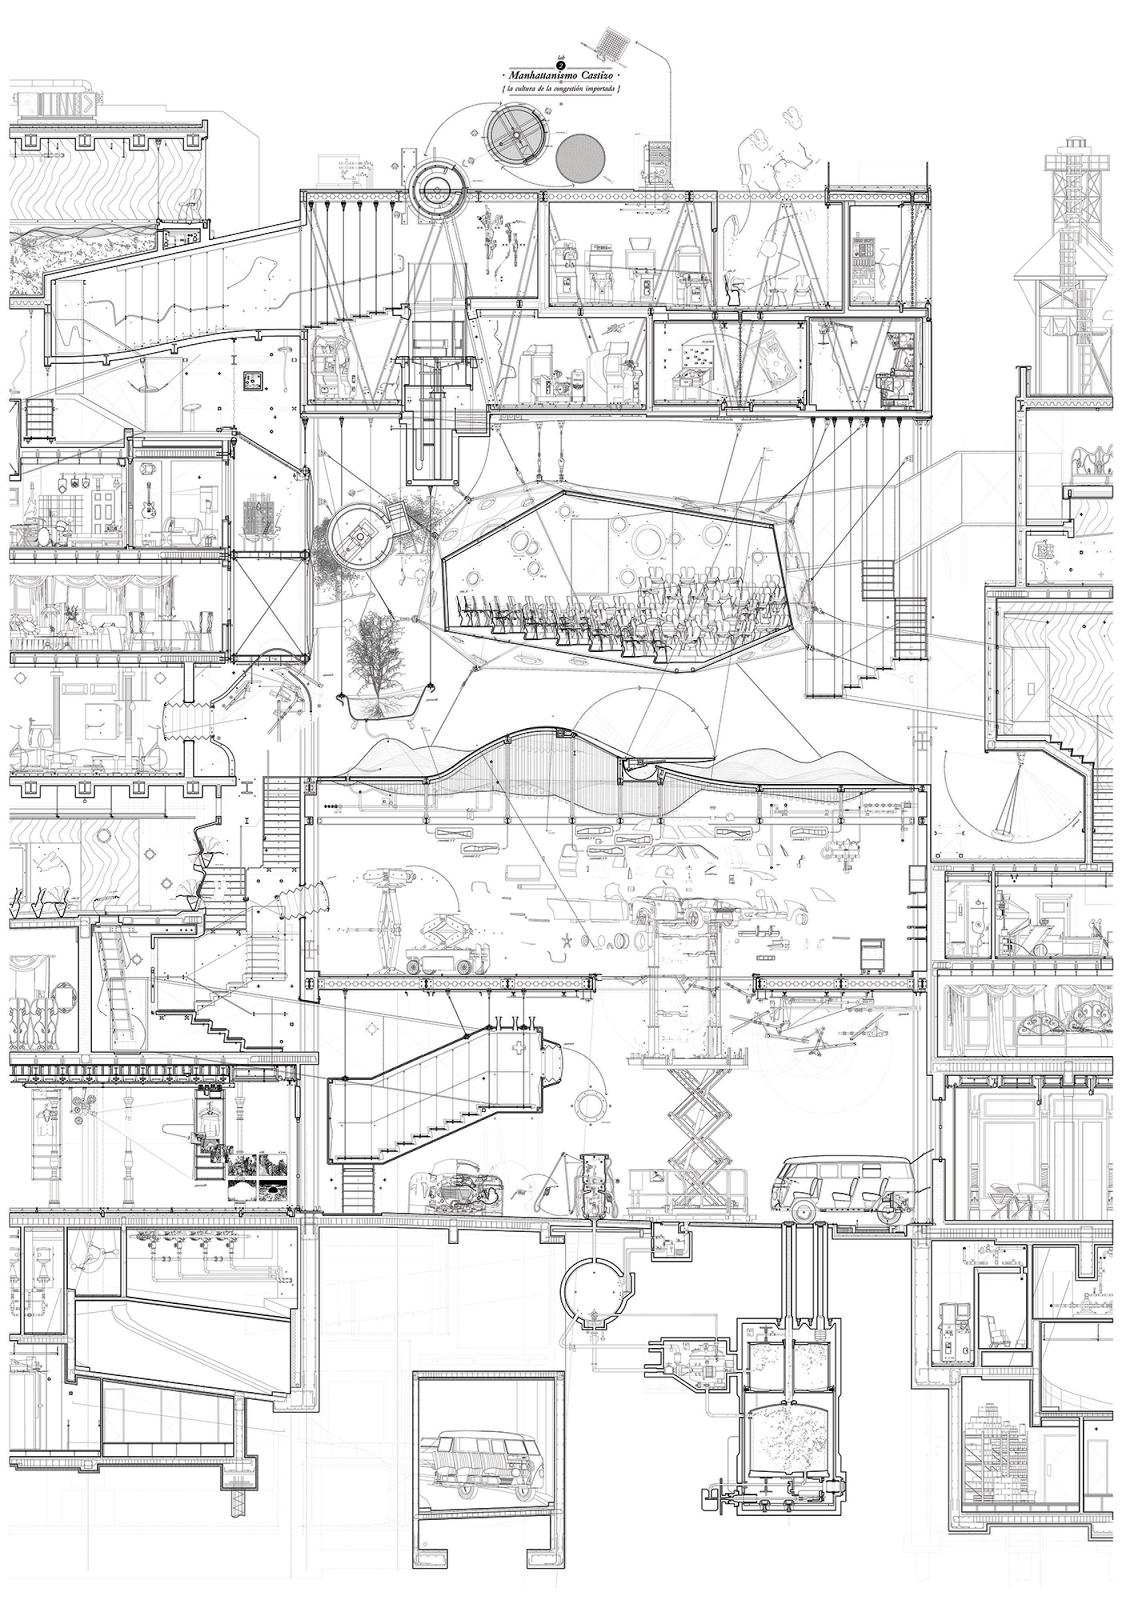 El Archipielago Ofrece Un Anteproyecto Un Plan De Accion